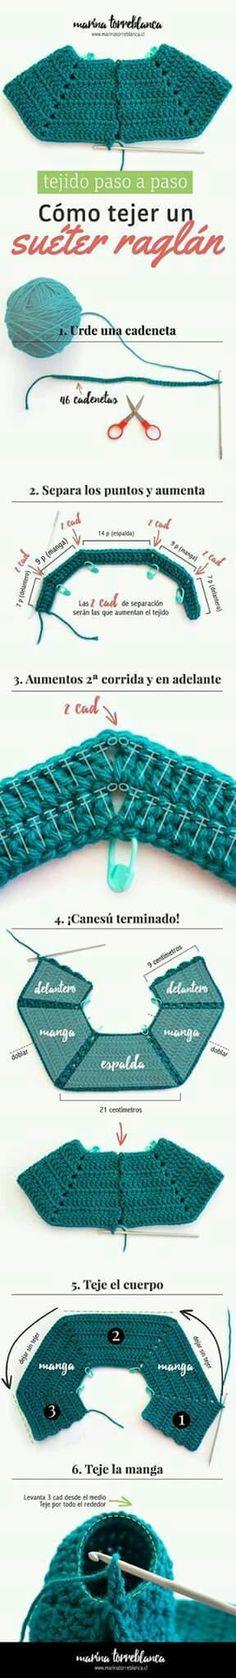 Sweater raglan empezado  por escote